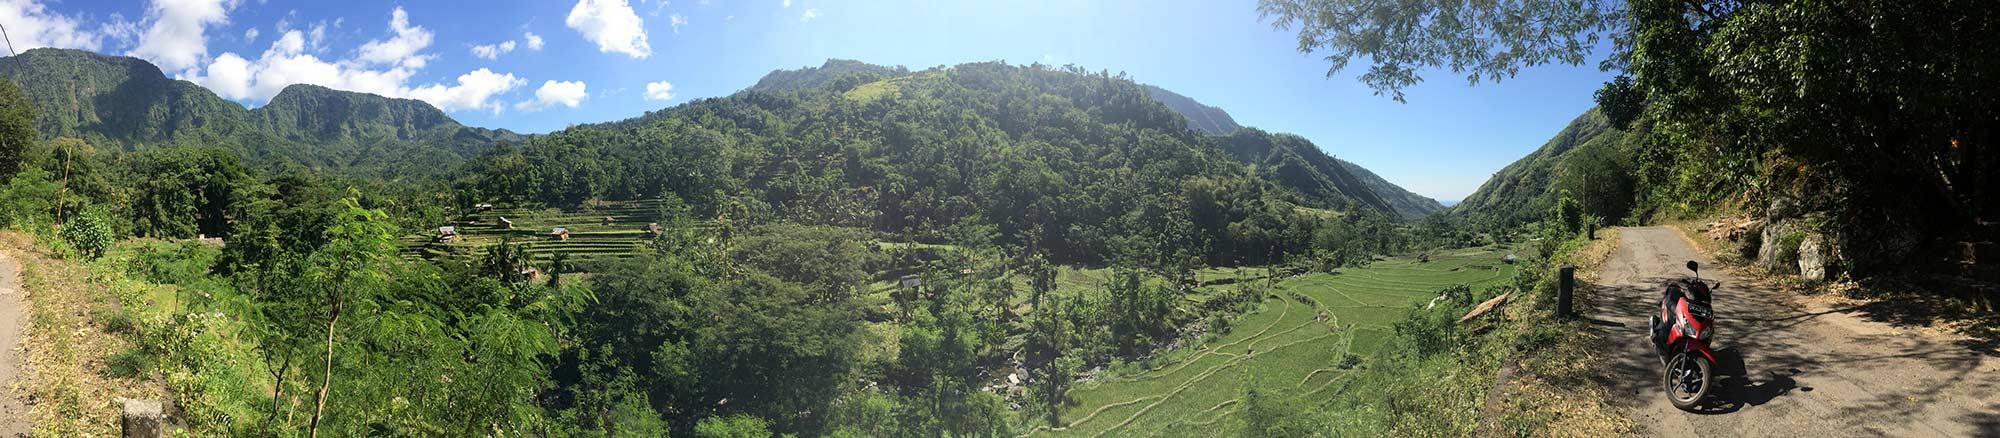 East Bali has amazing views